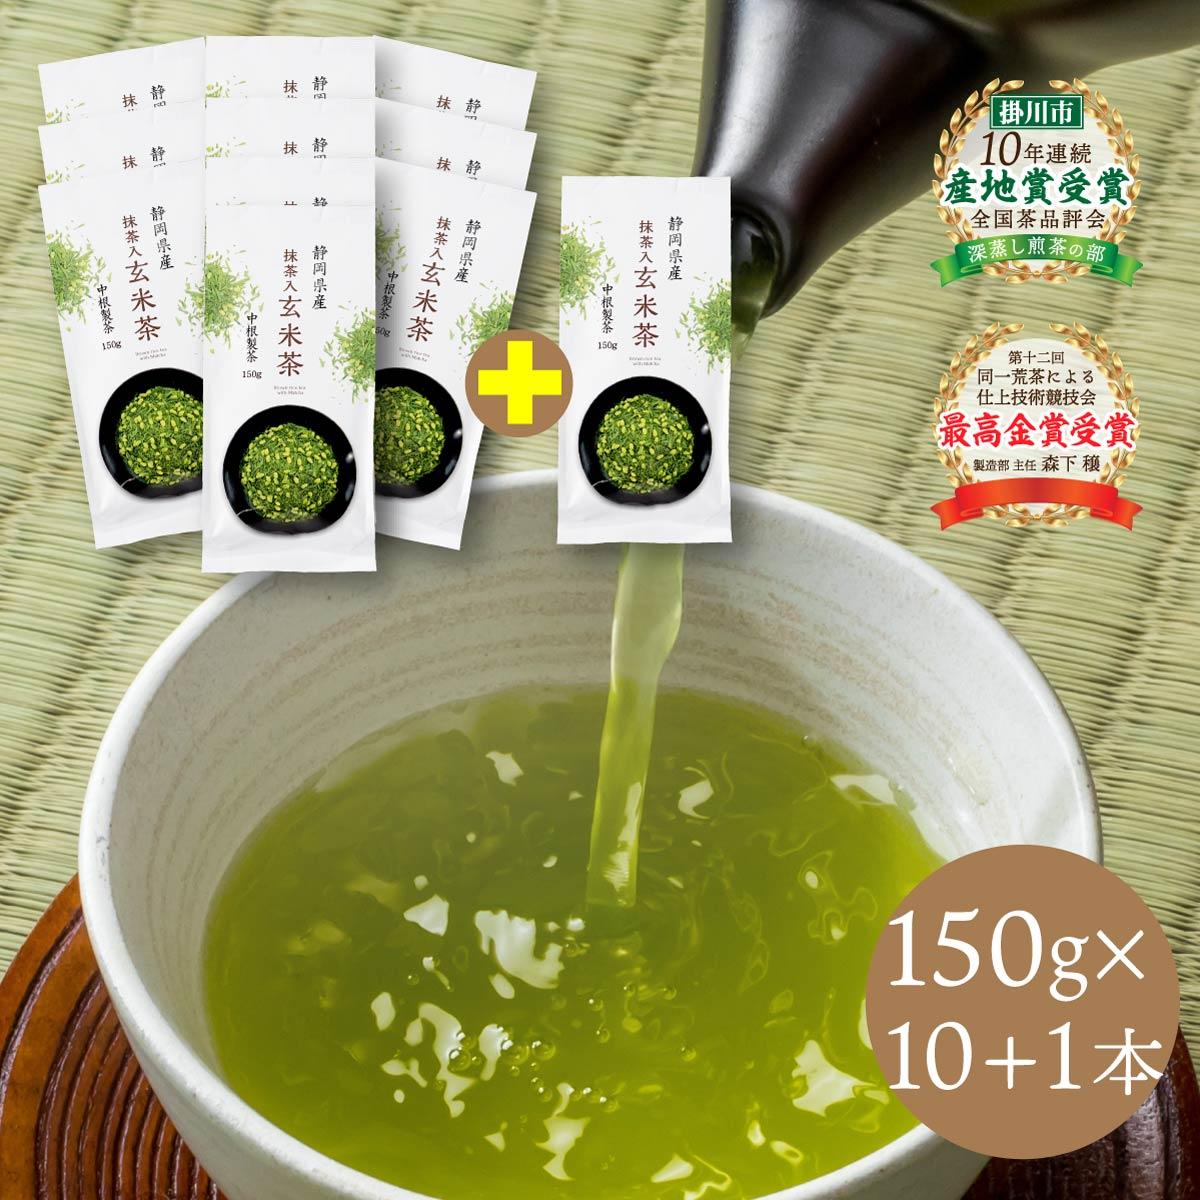 【送料無料】 抹茶入玄米茶 11パックセット (150g入×11パック)